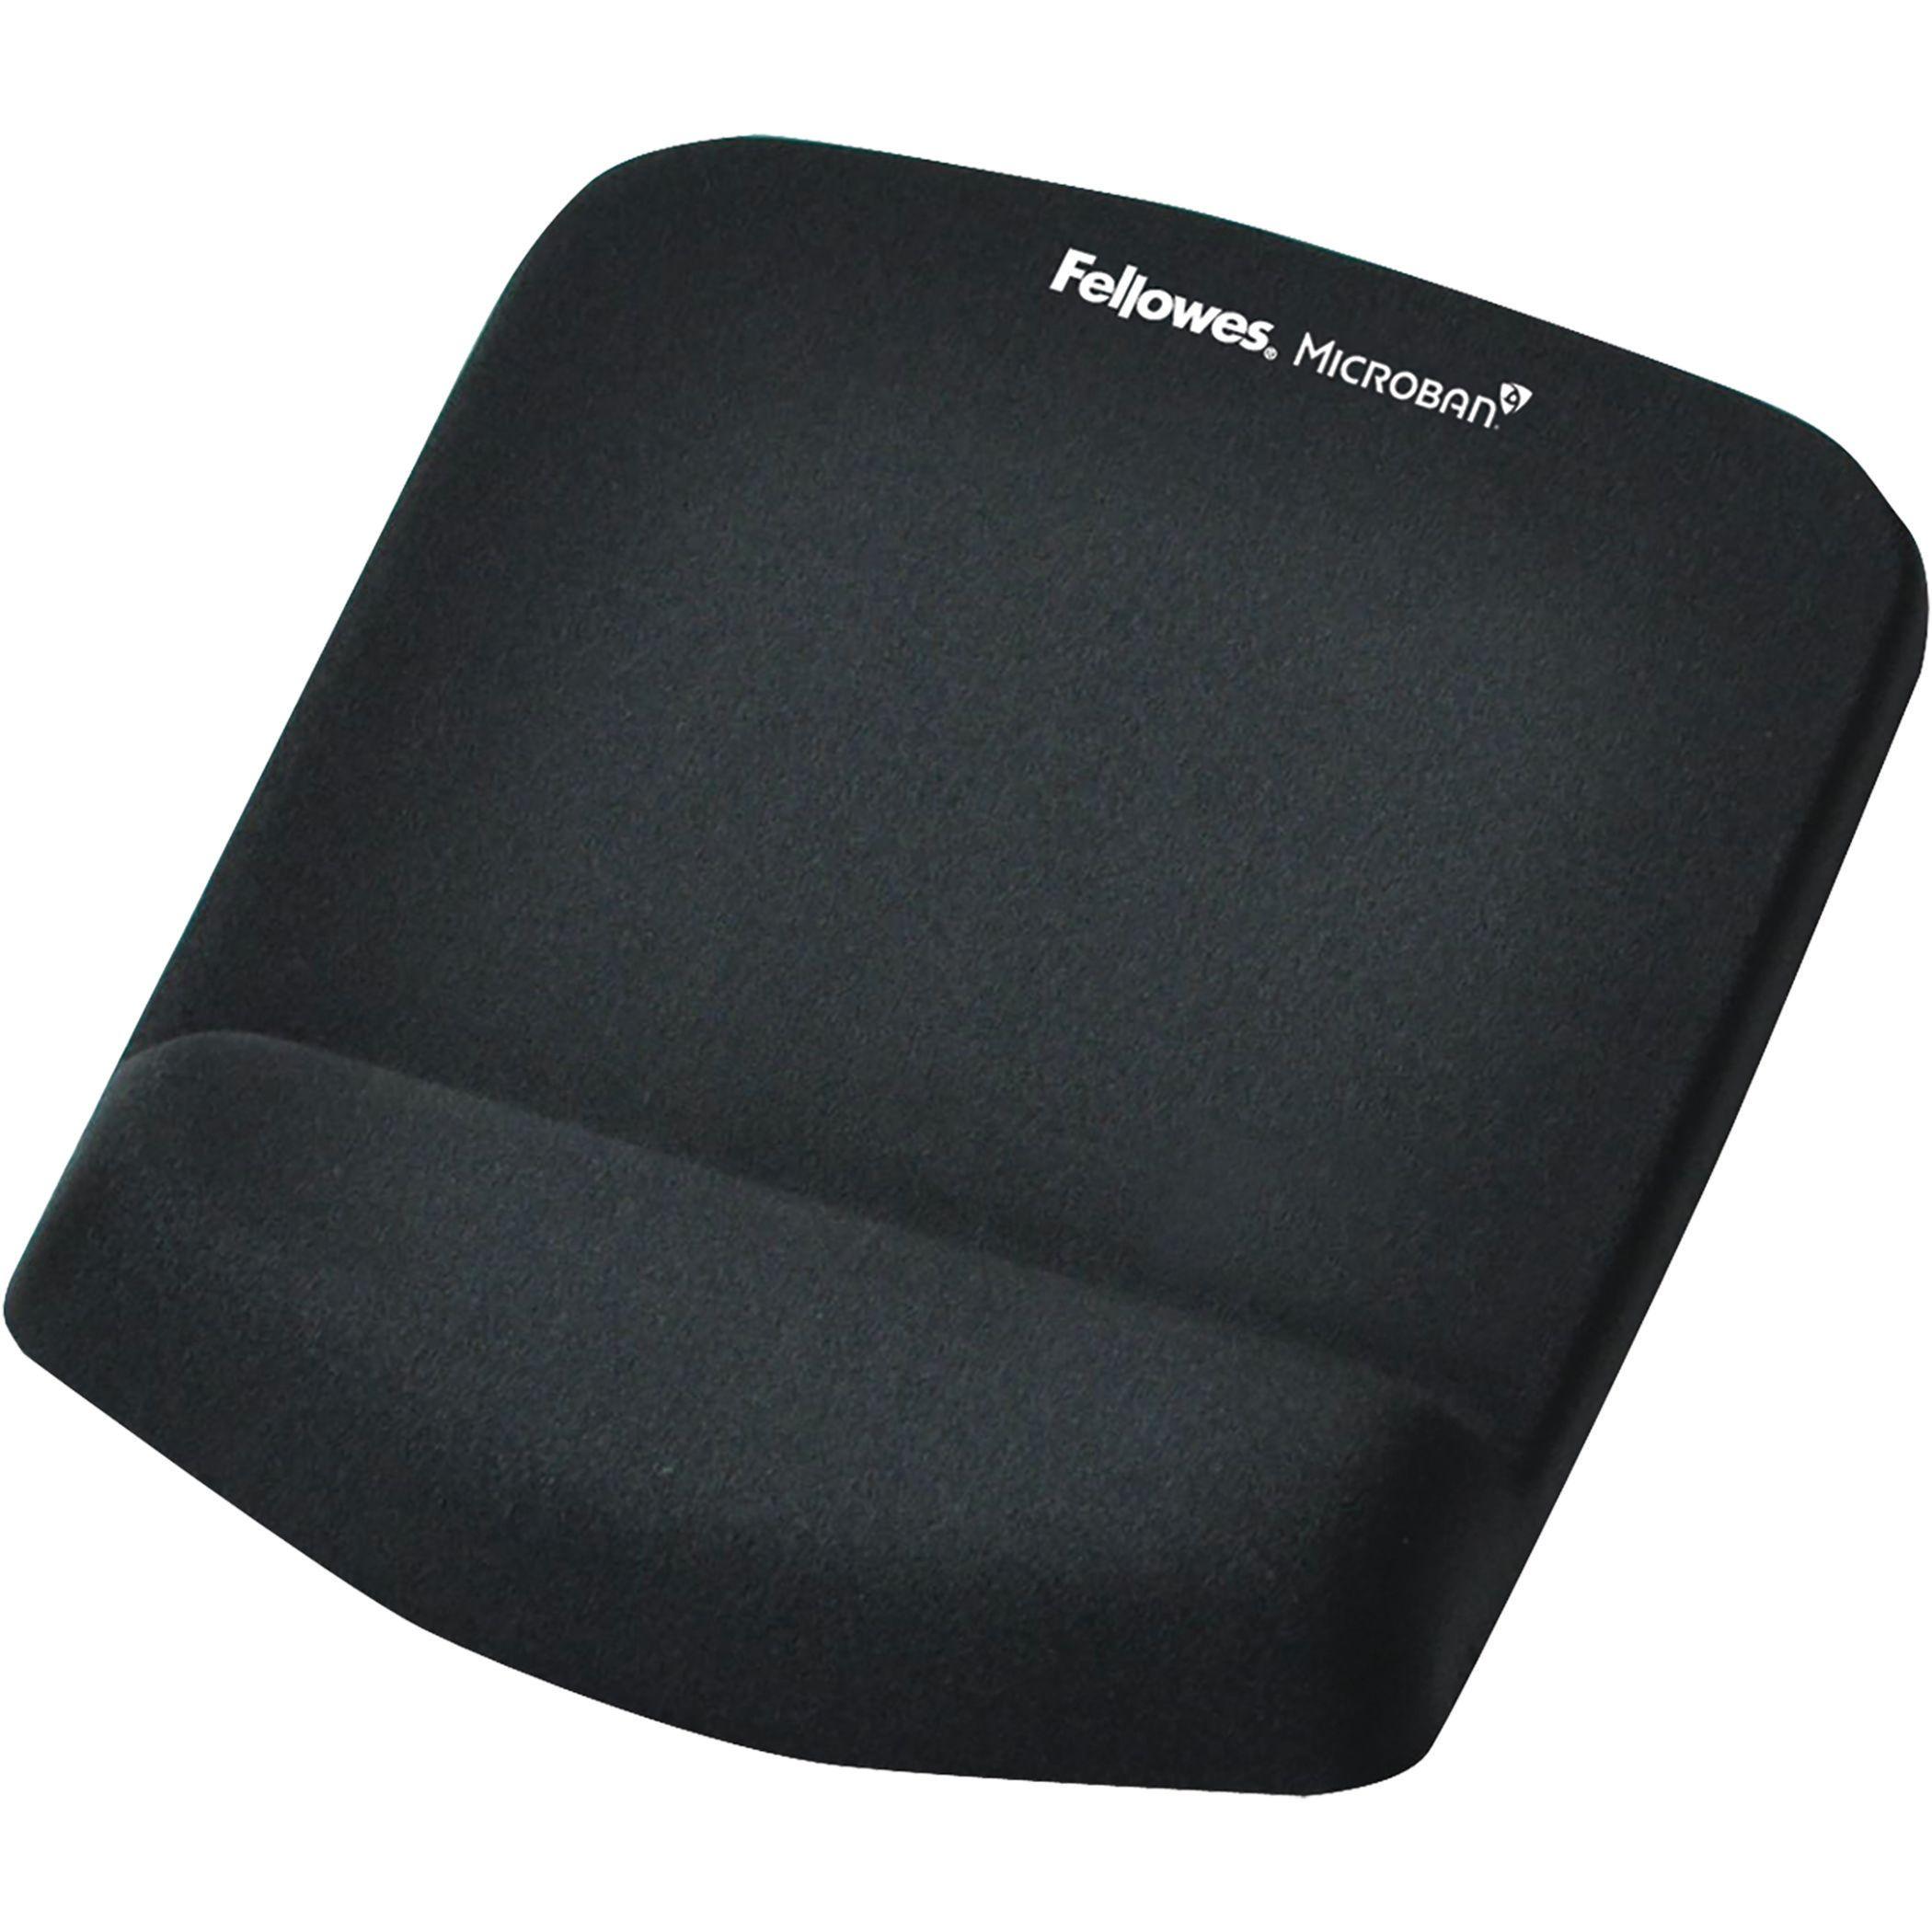 fellowes plushtouch tapis de souris repose poignets ergonomique noir